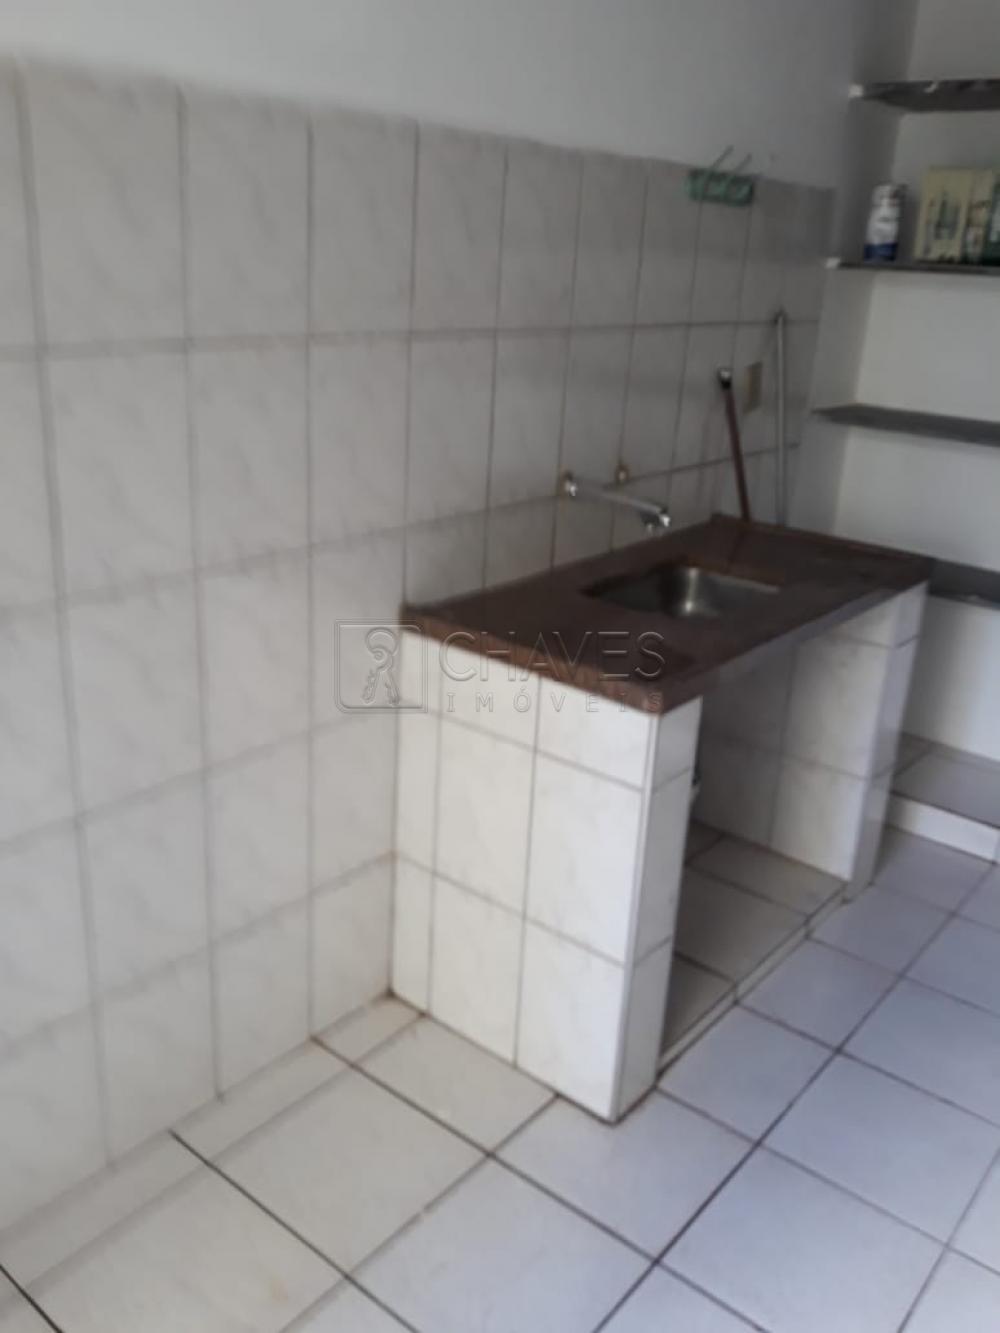 Alugar Comercial / Salão em Ribeirão Preto apenas R$ 900,00 - Foto 12